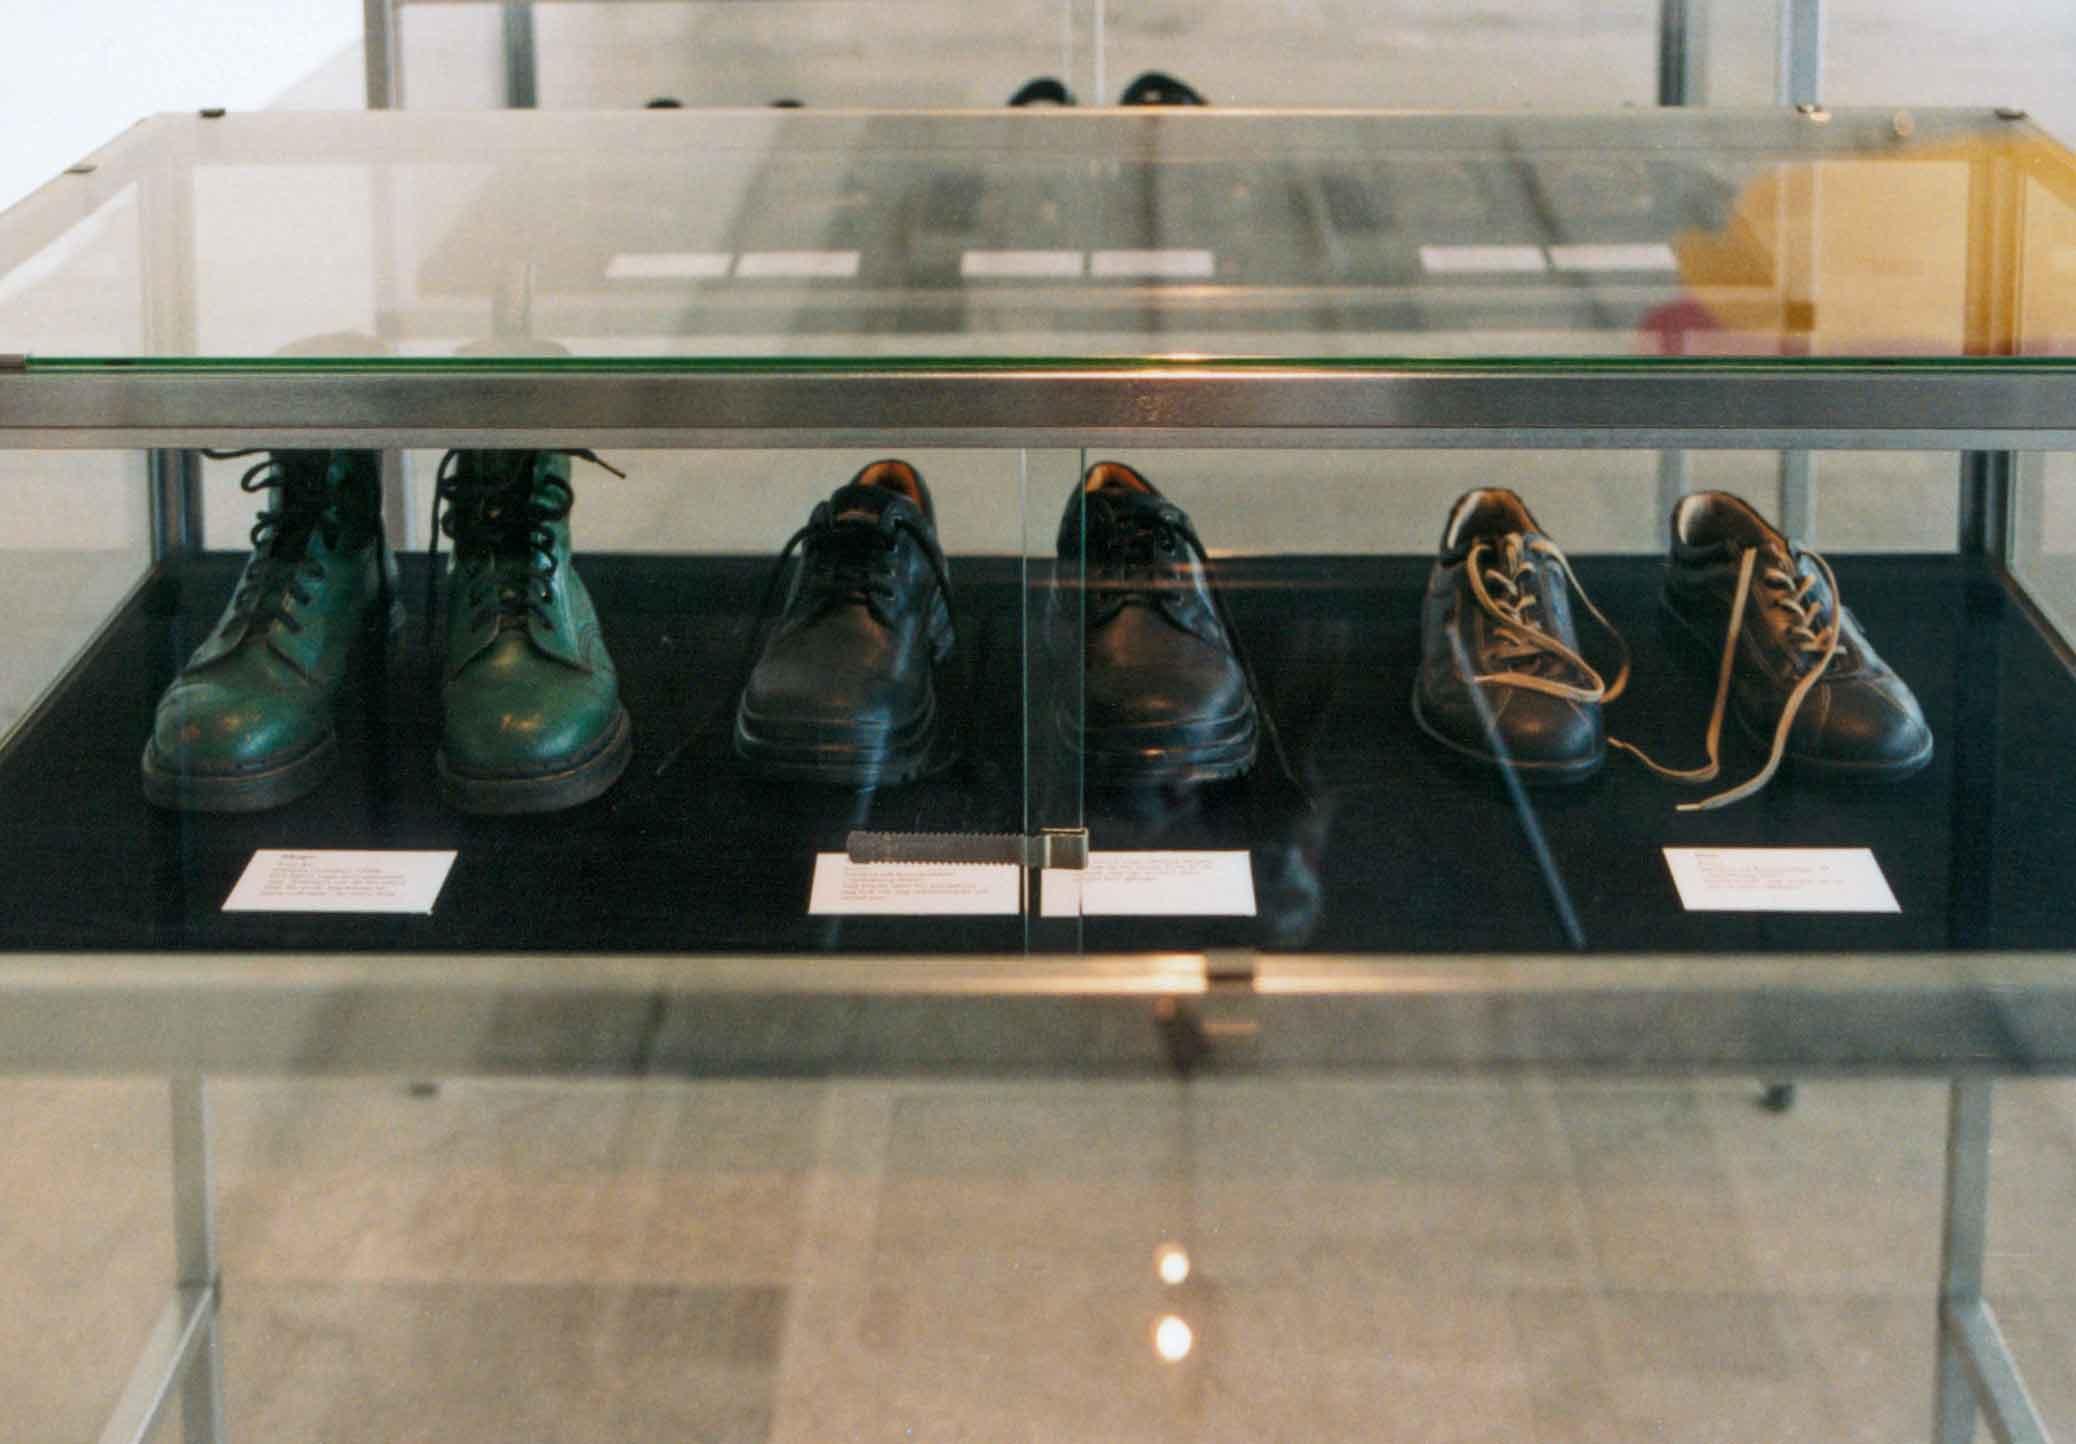 Alla mina kläder, installation med alla mina kläder på Göteborgs konstmuseum 2003. Detalj med skor i vitrin. All my clothes, installation with all my clothes at the Gothenburg Art Museum in 2003. Detail of shoes in display case.